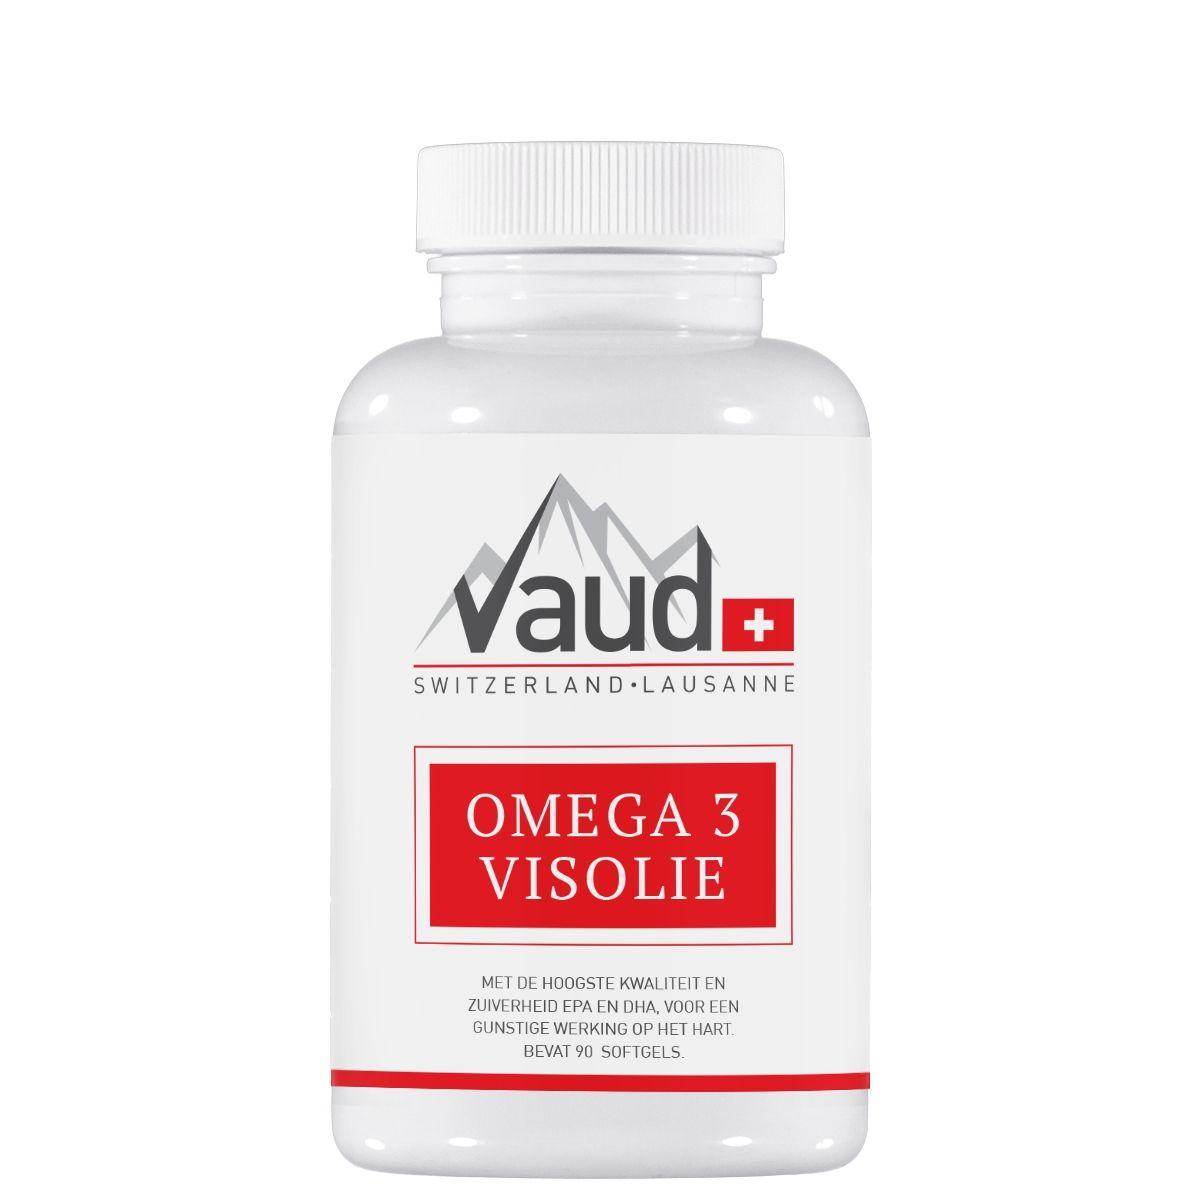 omega-3-visolie-vaud